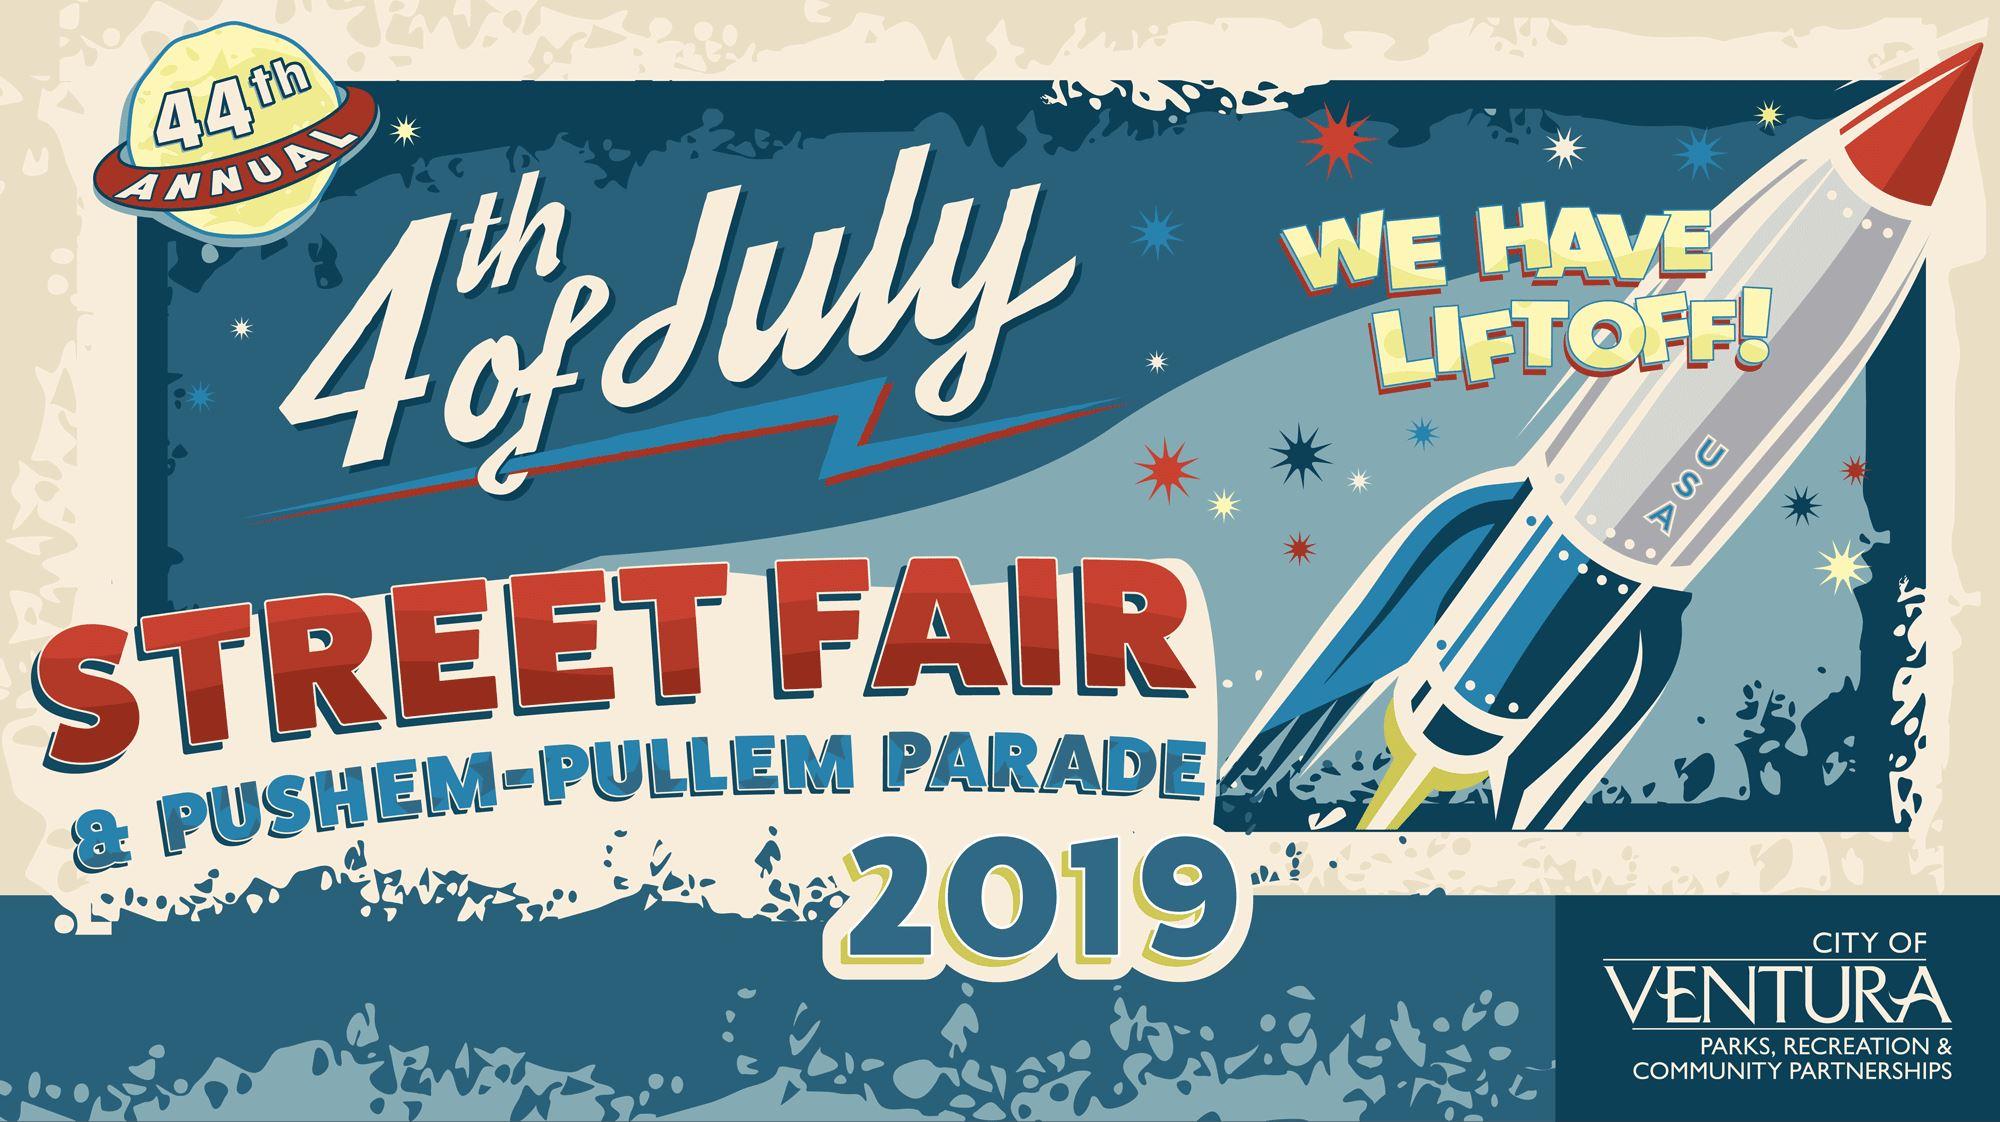 Ventura's 4th of July Street Fair & Pushem-Pullem Parade